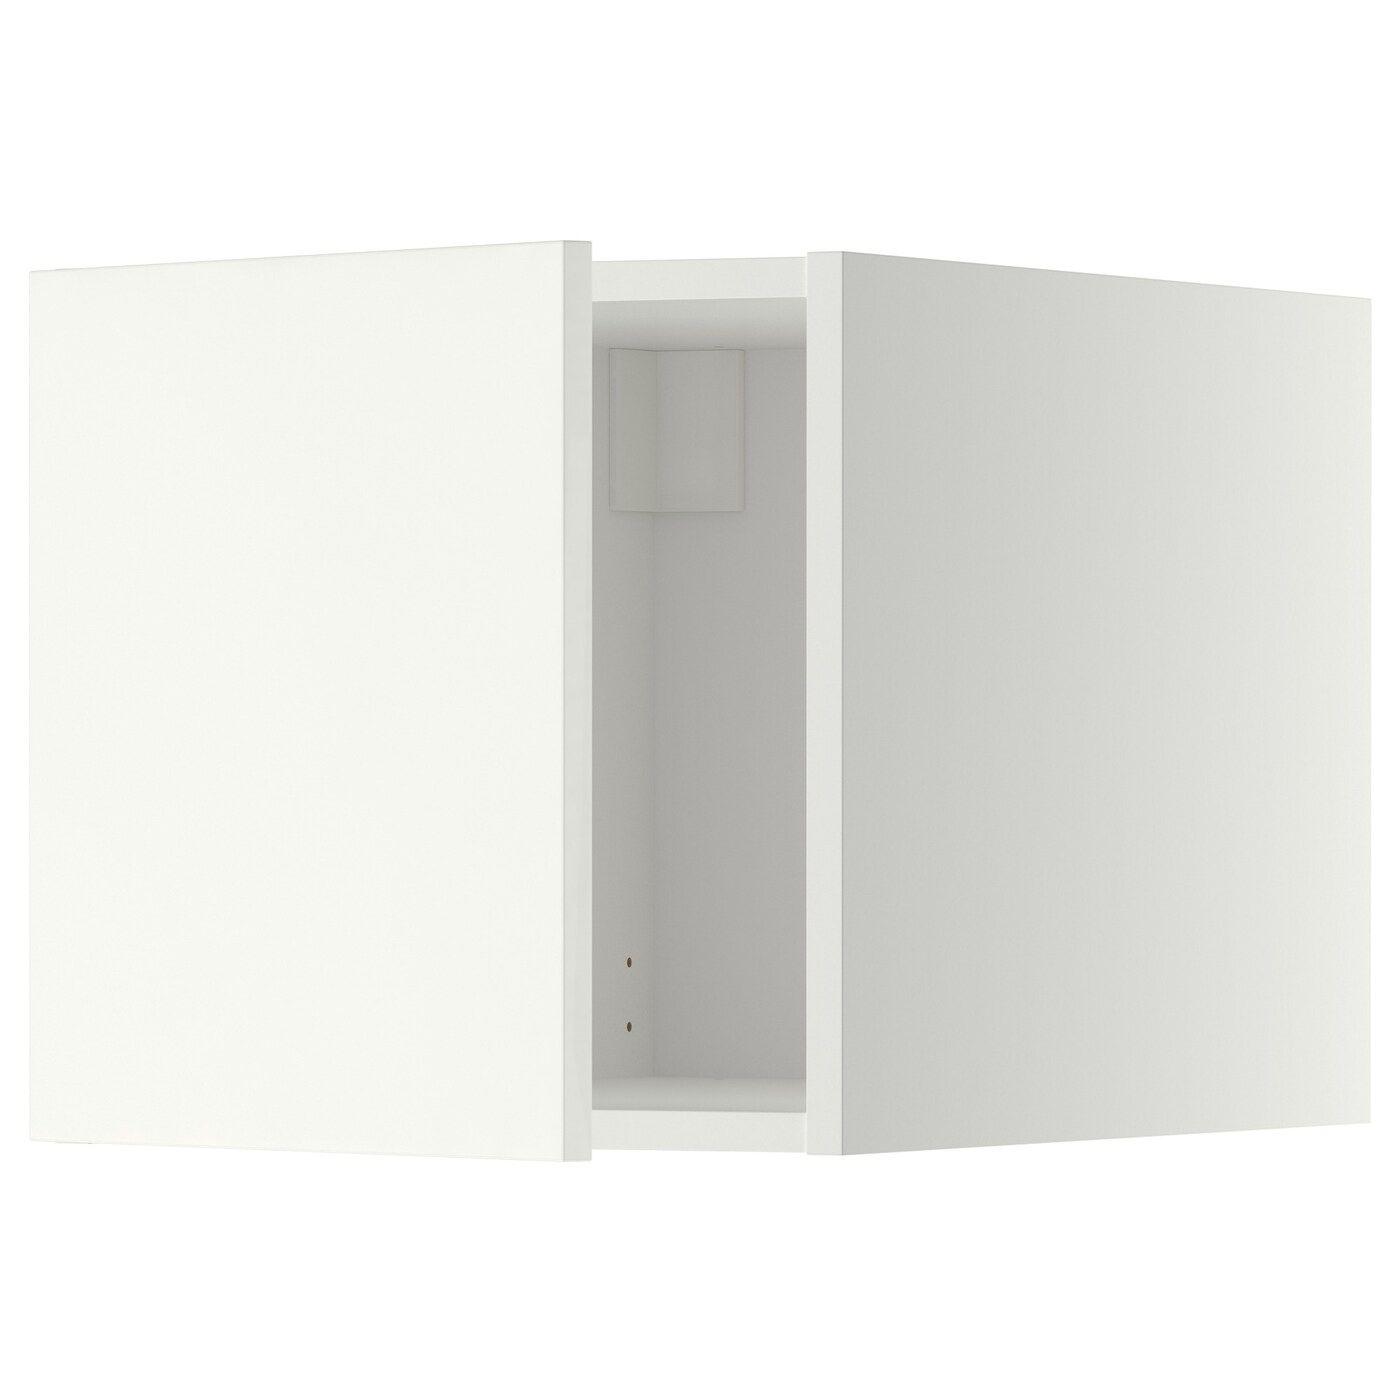 Metod Extra Bovenkast Wit Haggeby Wit 40x40 Cm Het Deurtje Kan Links Of Rechts Worden Afgehangen Stevige Constructie Basis Oberschranke Ikea Ikea Produkte